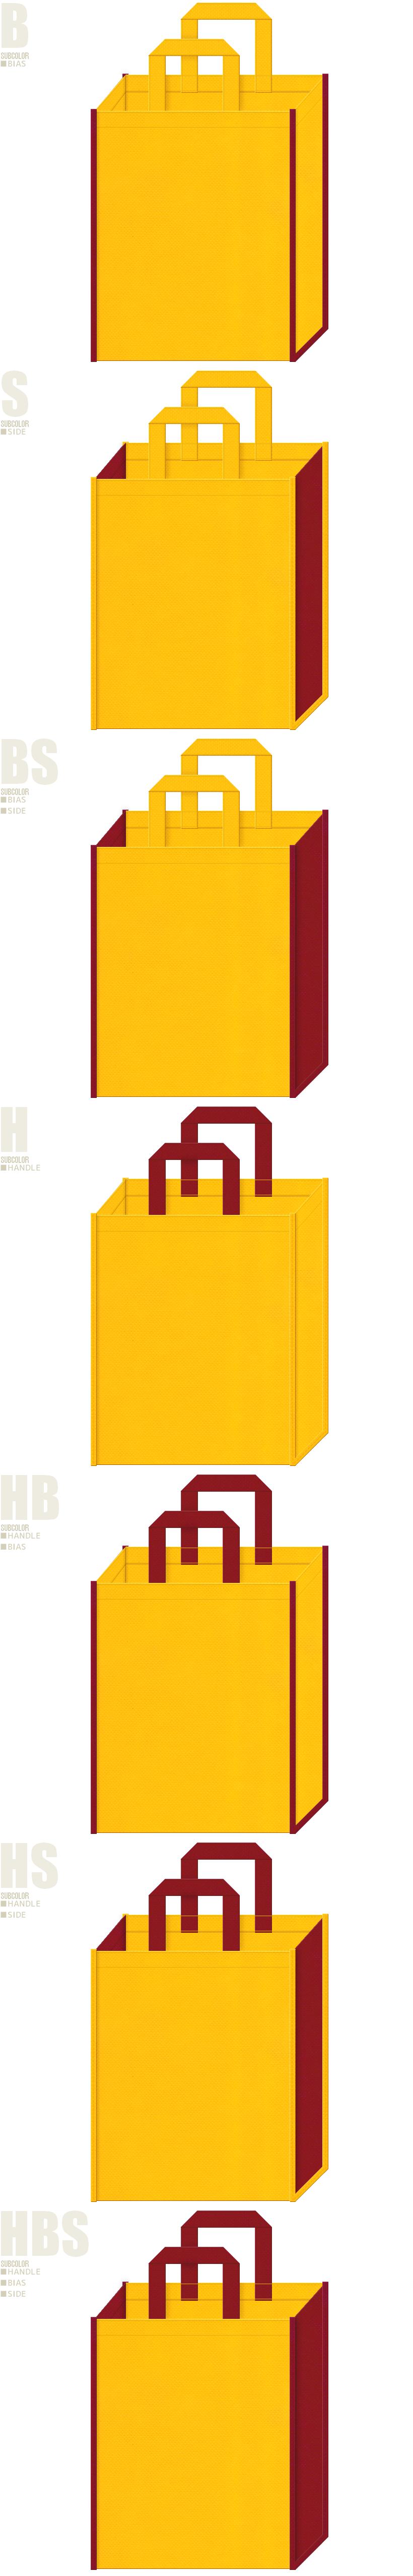 アウトドア・キャンプ用品にお奨めの不織布バッグデザイン:黄色とエンジ色の不織布バッグ配色7パターン。